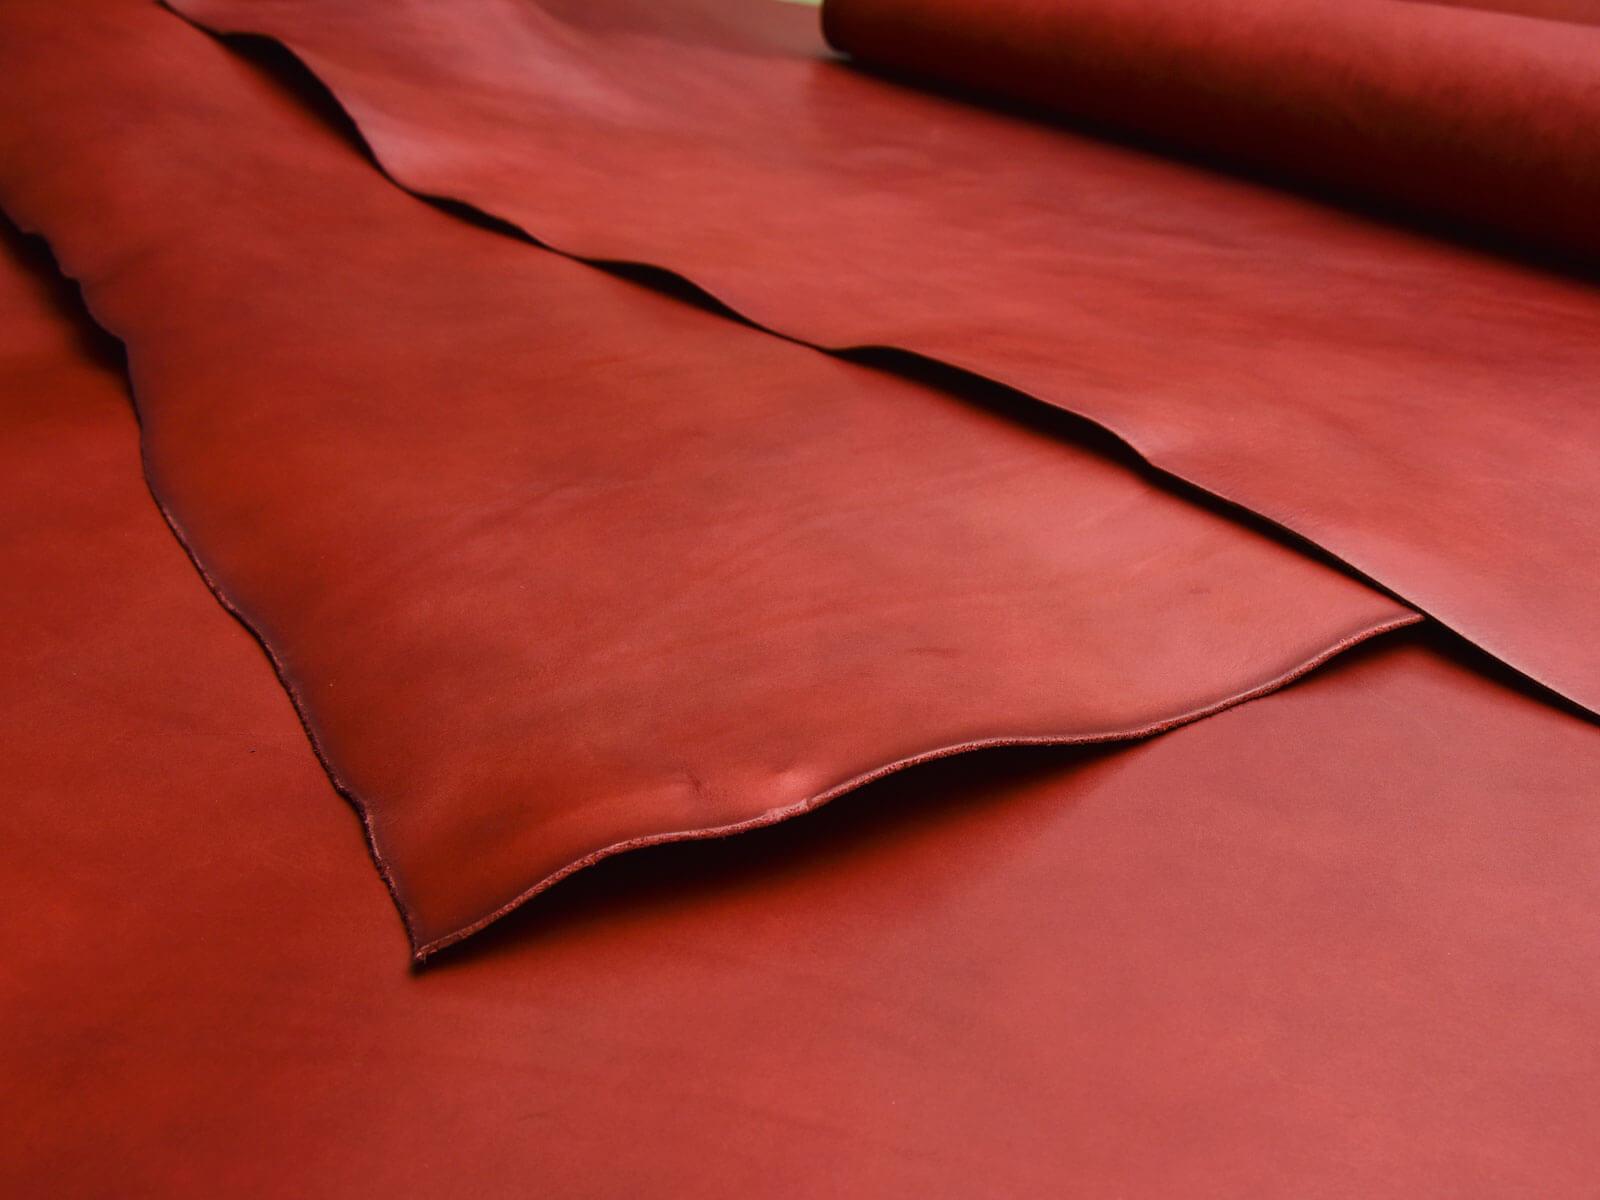 限定色のボルドー革で作る、HERZ冬の企画2020-21